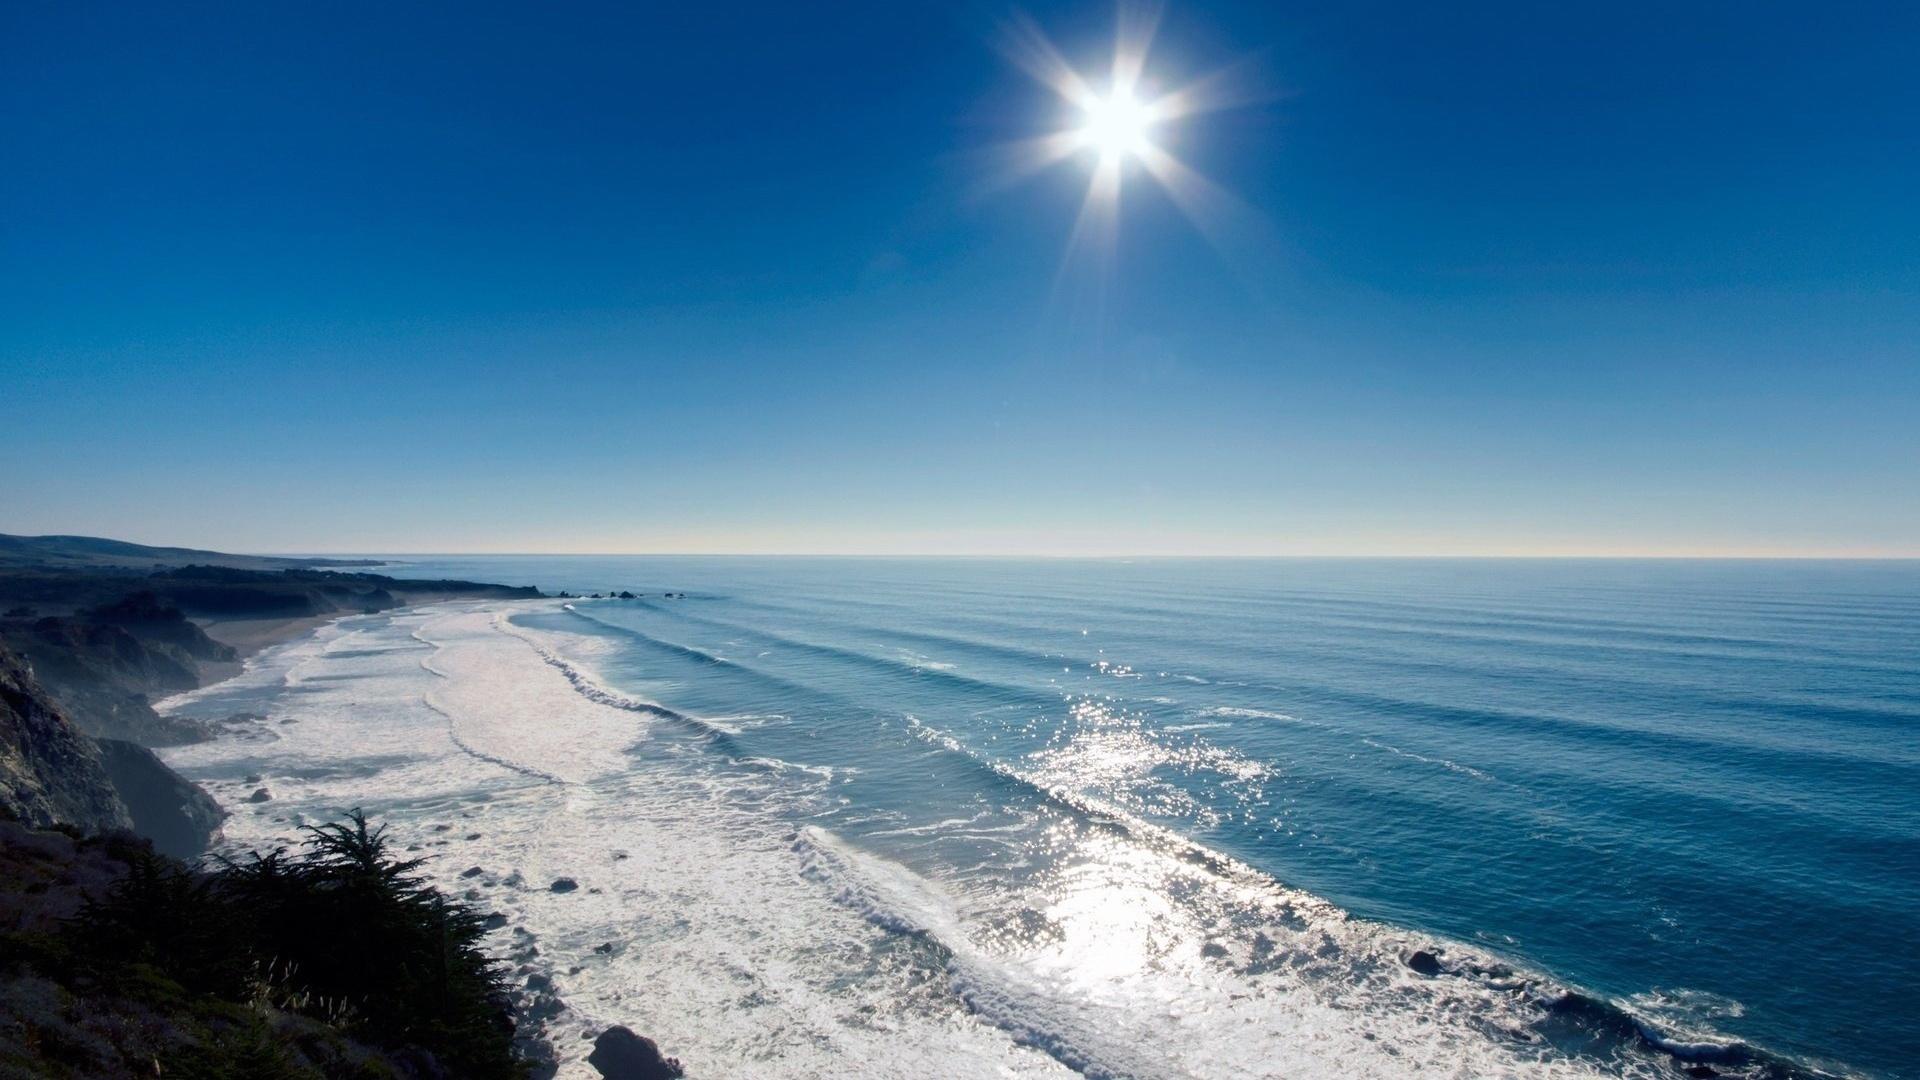 26055 скачать обои Пейзаж, Море, Солнце, Волны - заставки и картинки бесплатно